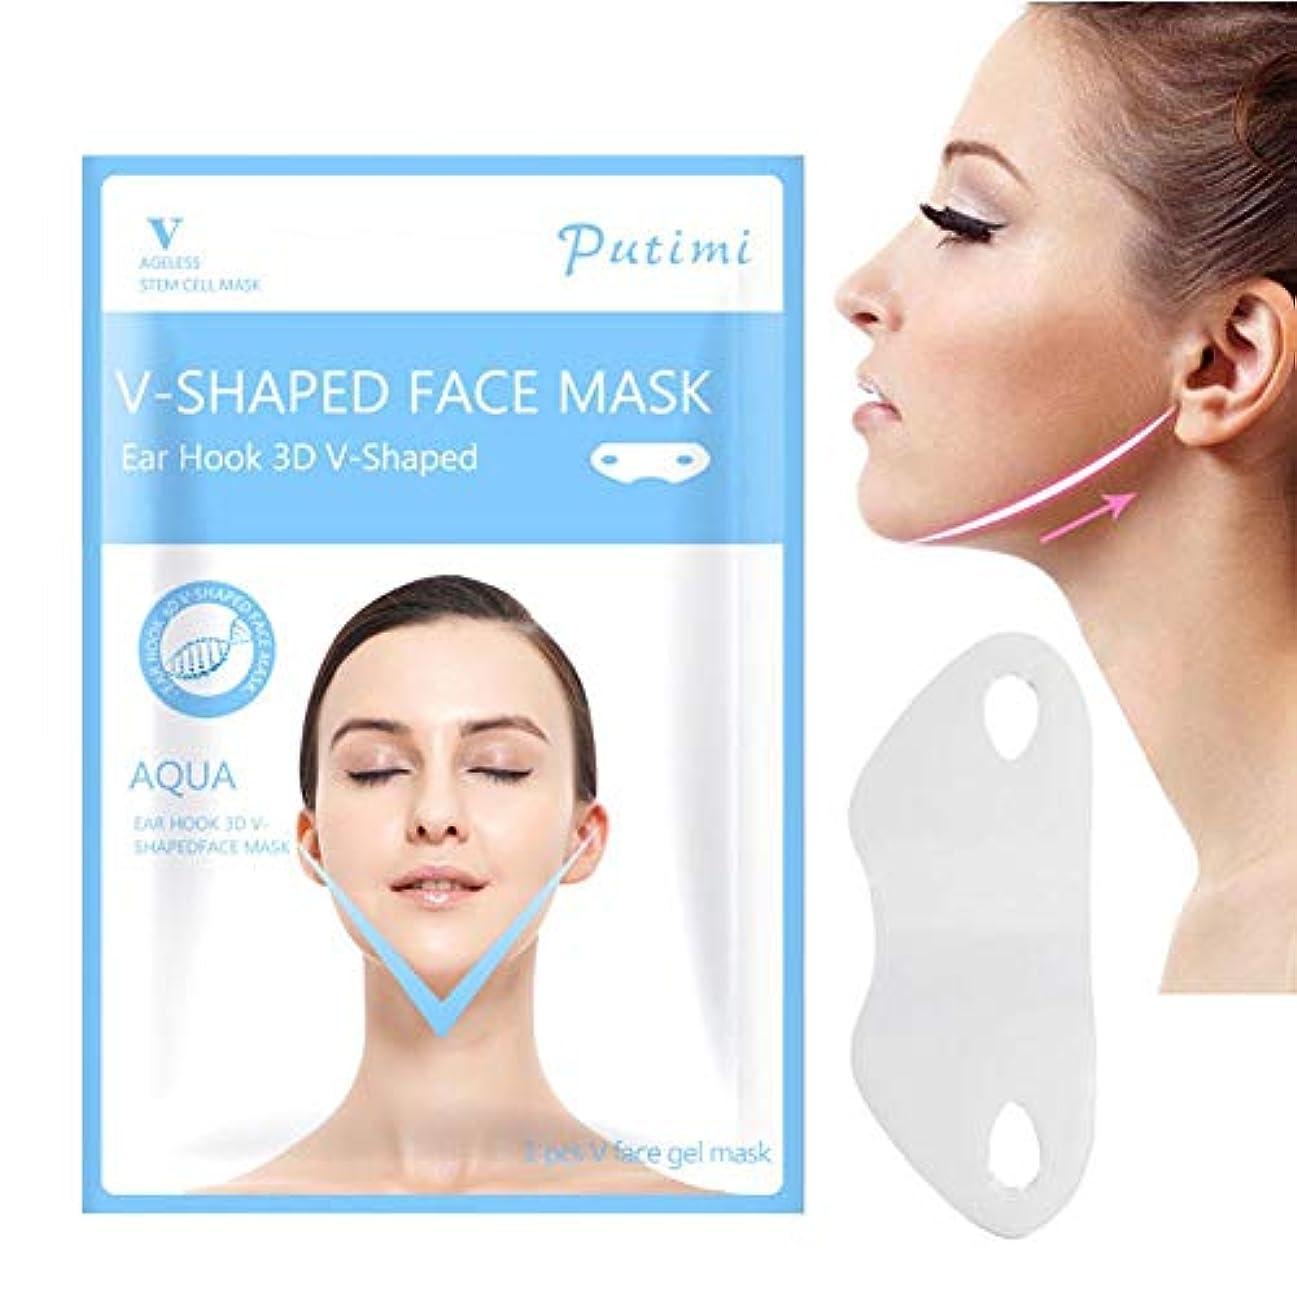 隣接優しい海賊SILUN 最新型 Vフェイシャルマスク フェイスマスク 小顔 マスク フェイスラインベルト 美顔 顔痩せ 保湿 血行を促進する 睡眠マスク